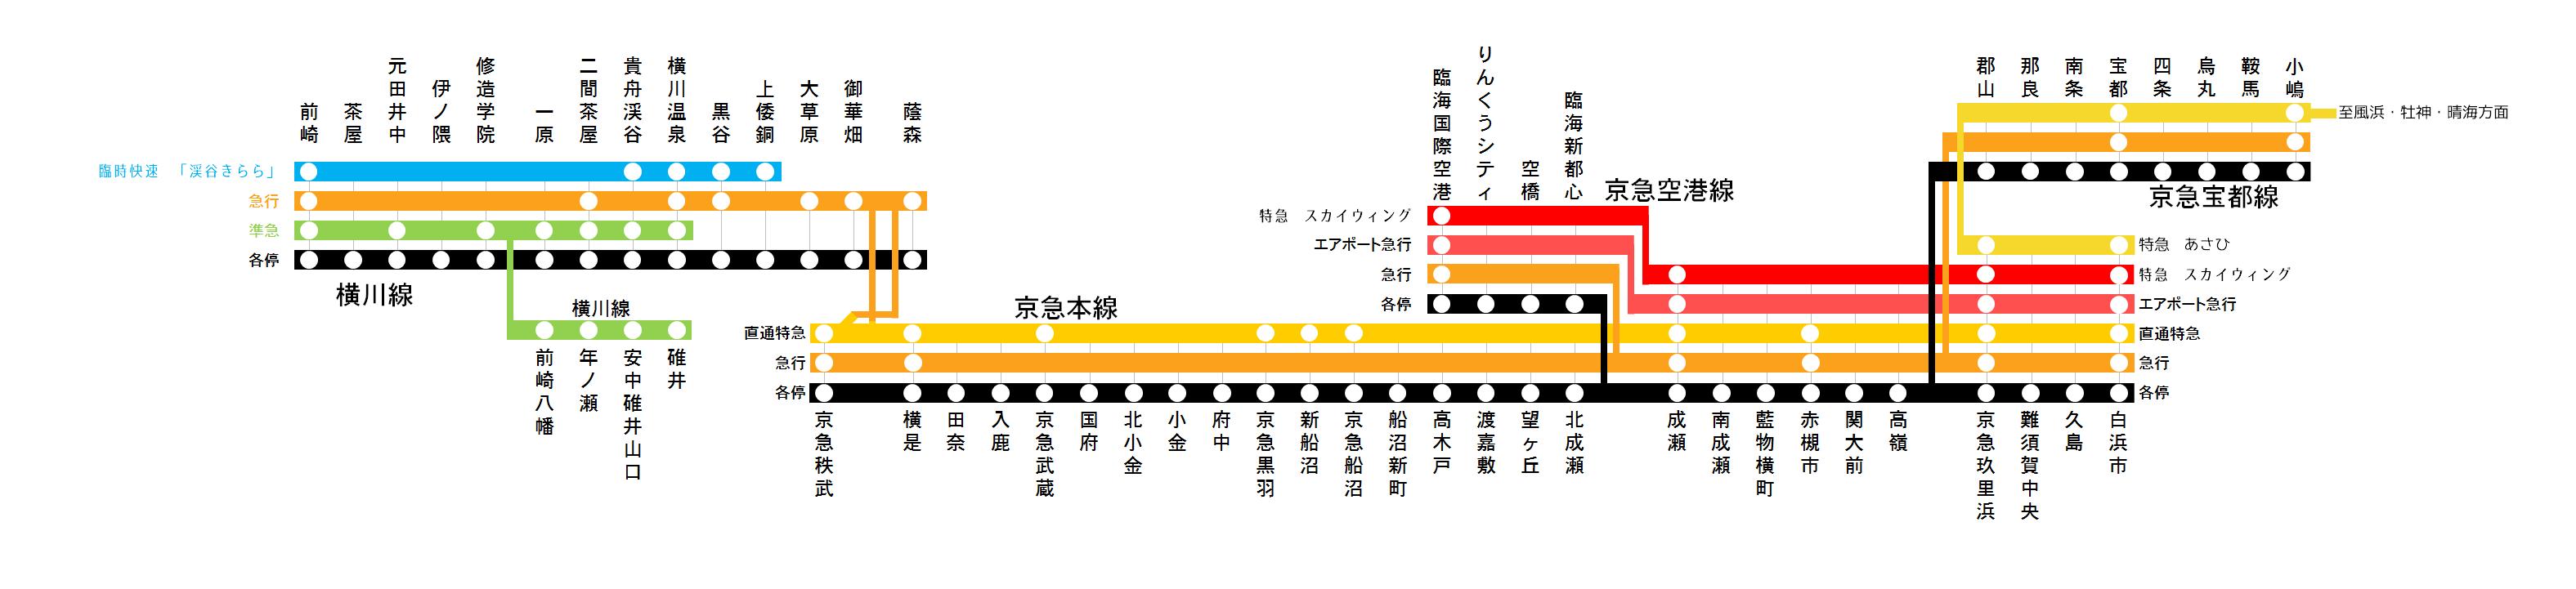 黒谷電鉄・京都急行電鉄停車駅路線図Ver0.0100.png